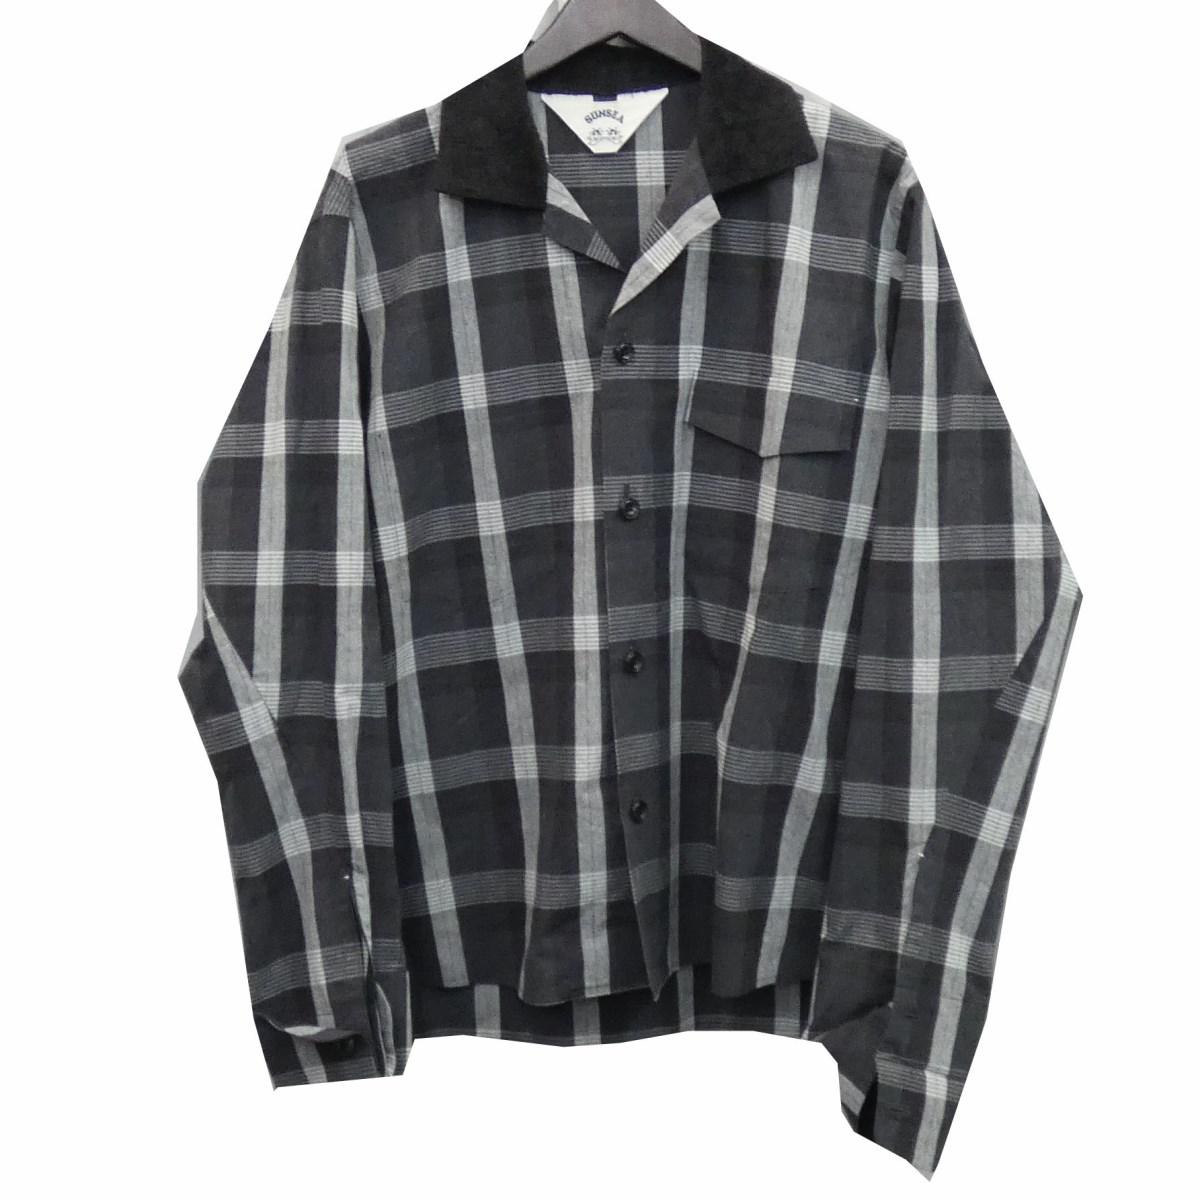 【中古】SUNSEA 18SS 「CHECK GIG OLD SHIRT」 チェックシャツ ブラック×グレー サイズ:2 【060320】(サンシー)